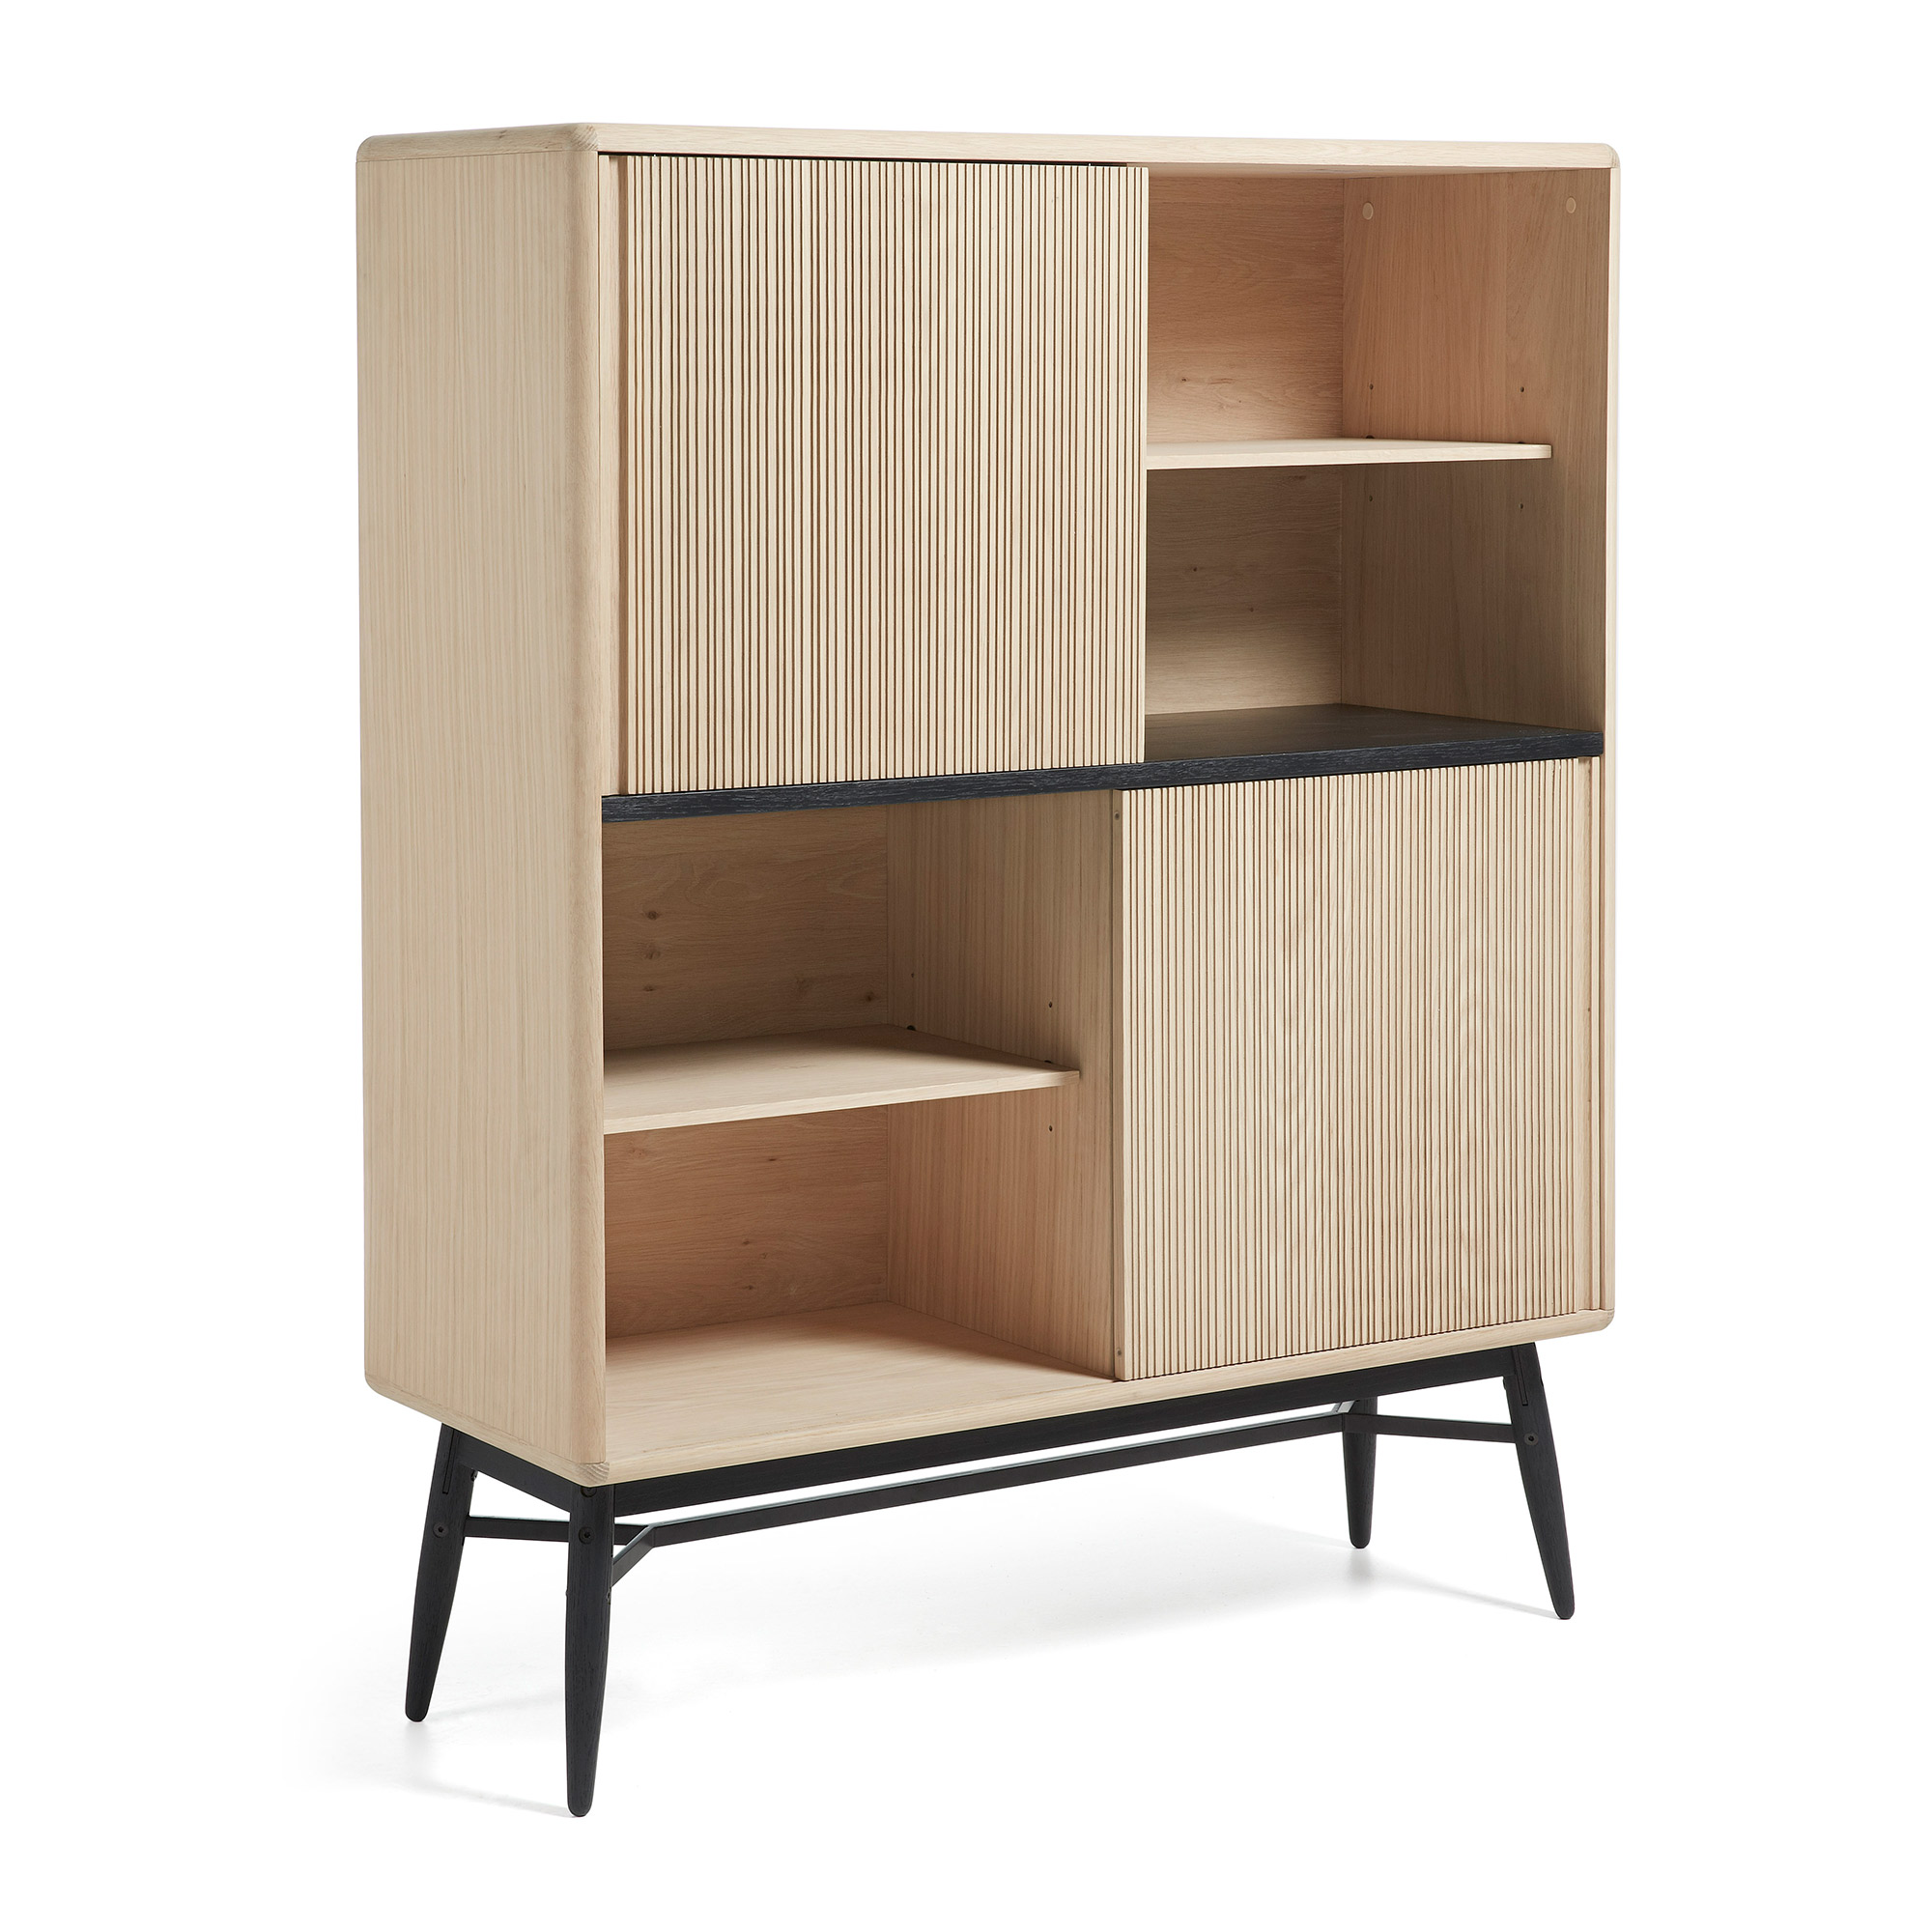 Estanter a hx001m on home muebles y decoraci n online for Muebles y decoracion online